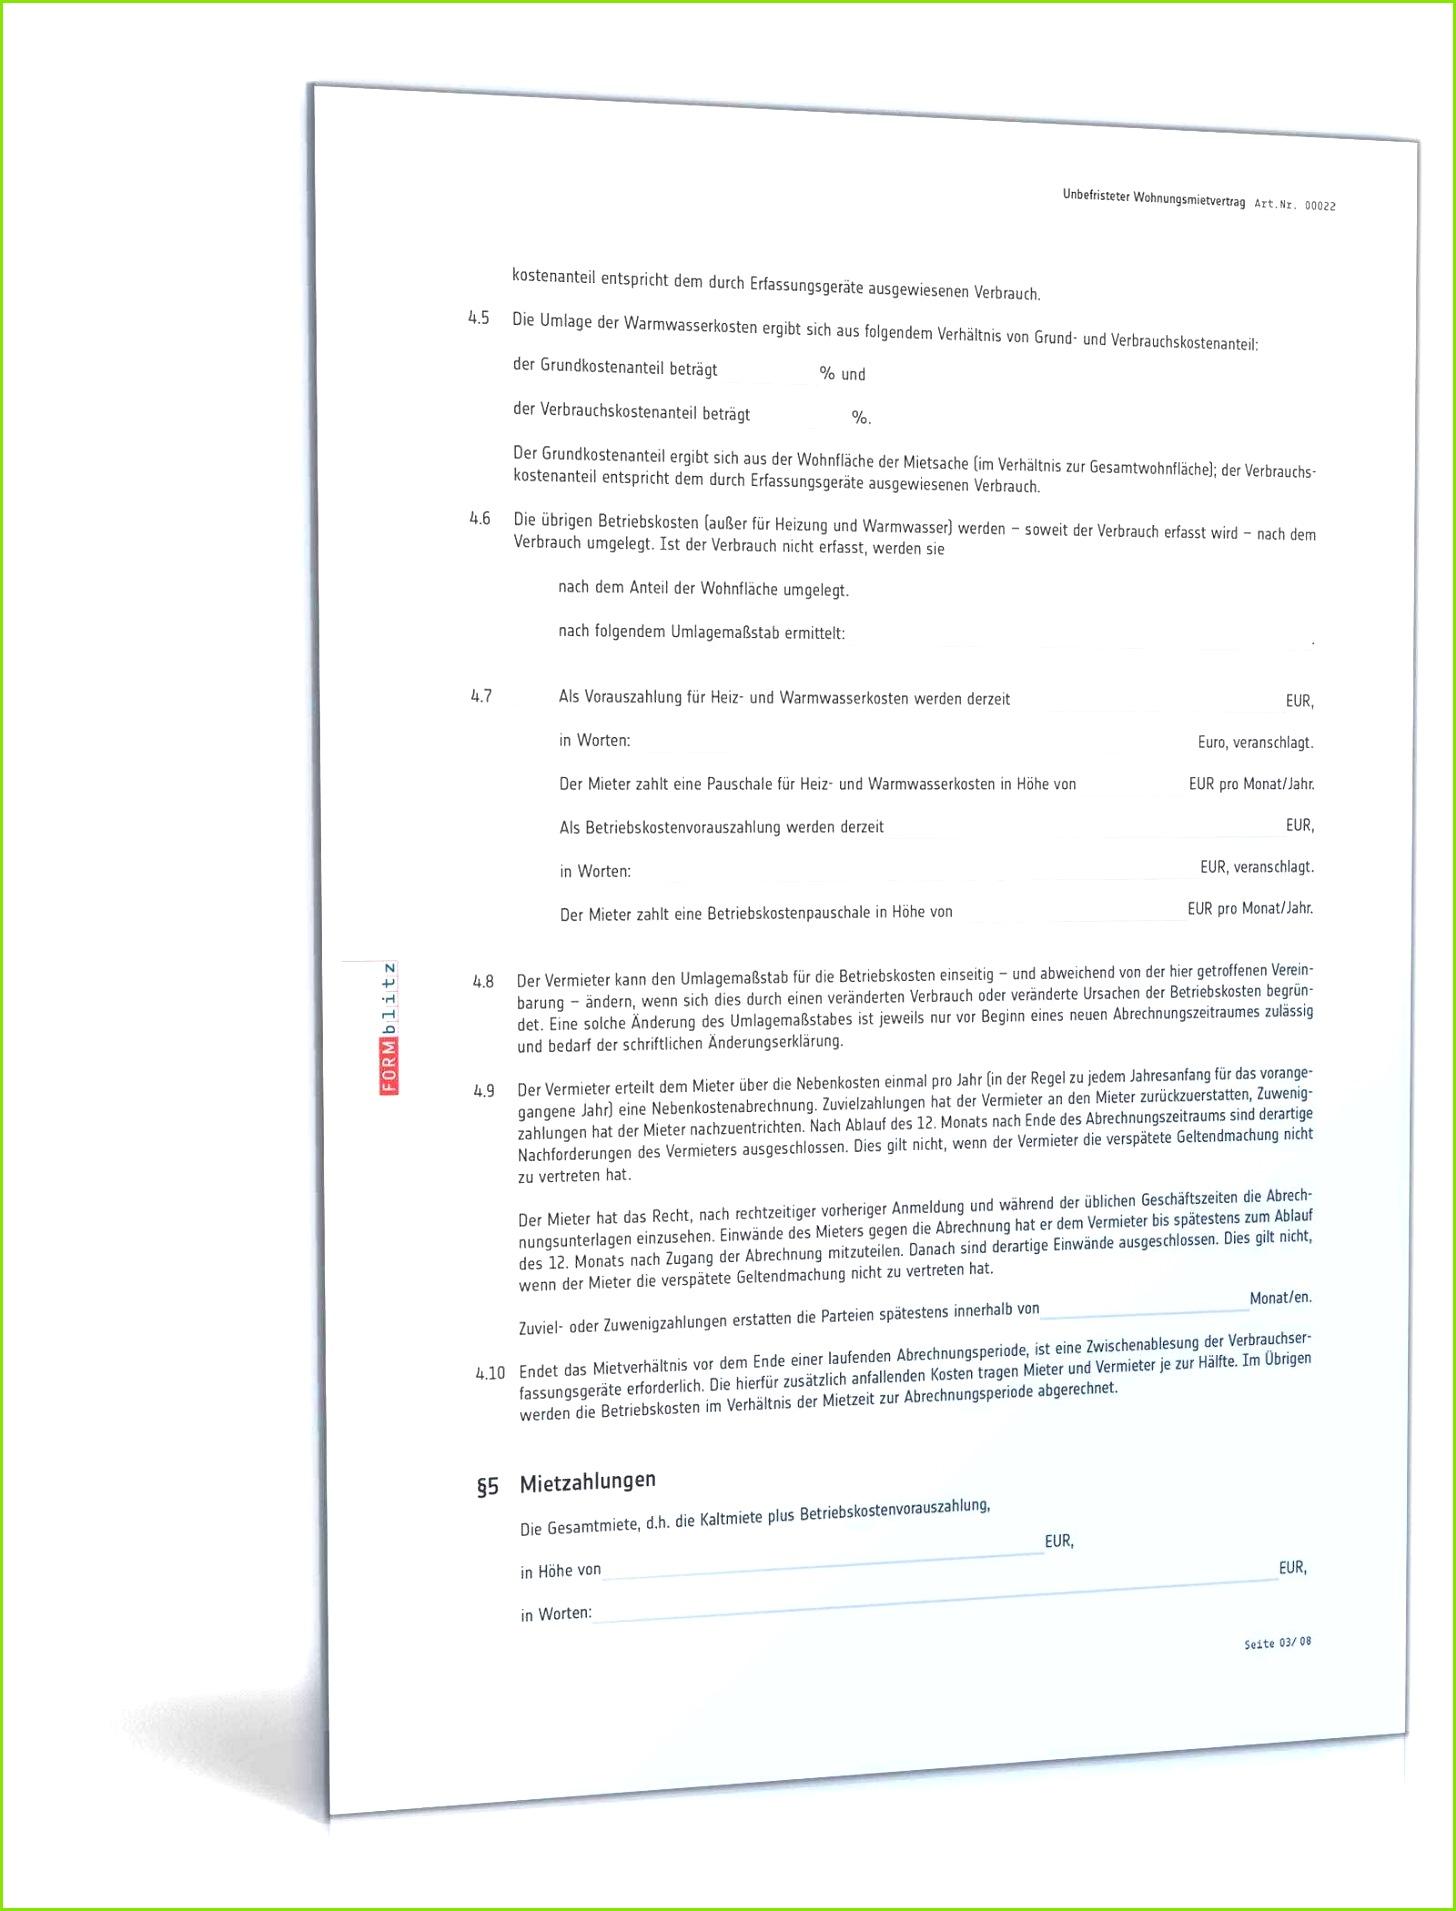 27 Editierbar Untermietvertrag Muster Für Jobcenter